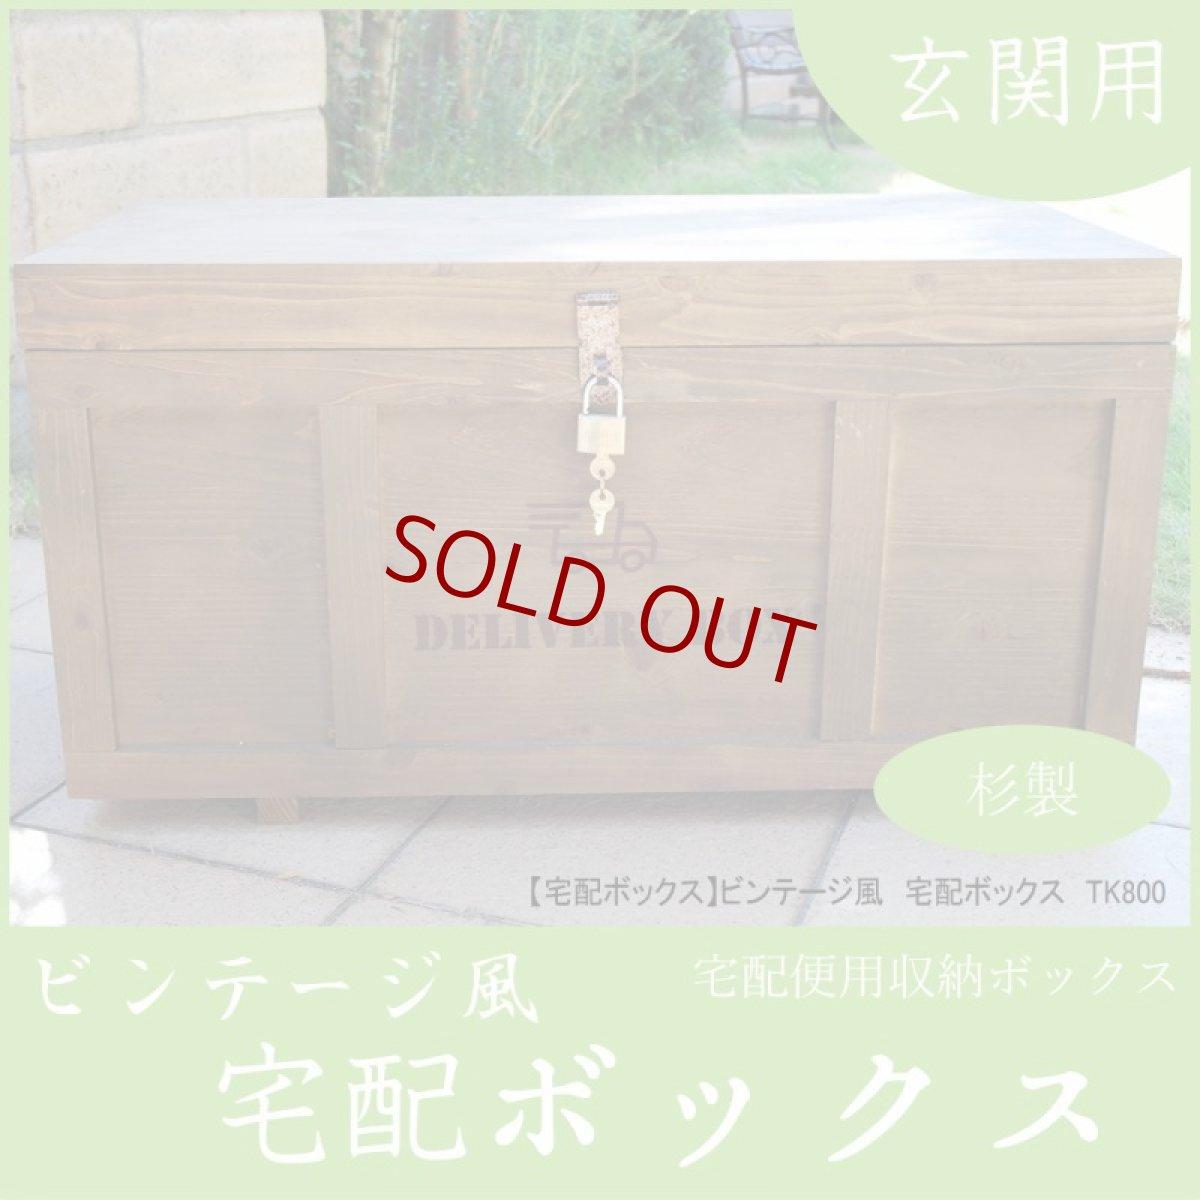 画像1: 【話題の宅配ボックス(鍵付き)】留守でも安心!ビンテージ感たっぷりのおしゃれな木製宅配BOX(宅急便収納箱・受け) ポスト 宅配ボックス (1)